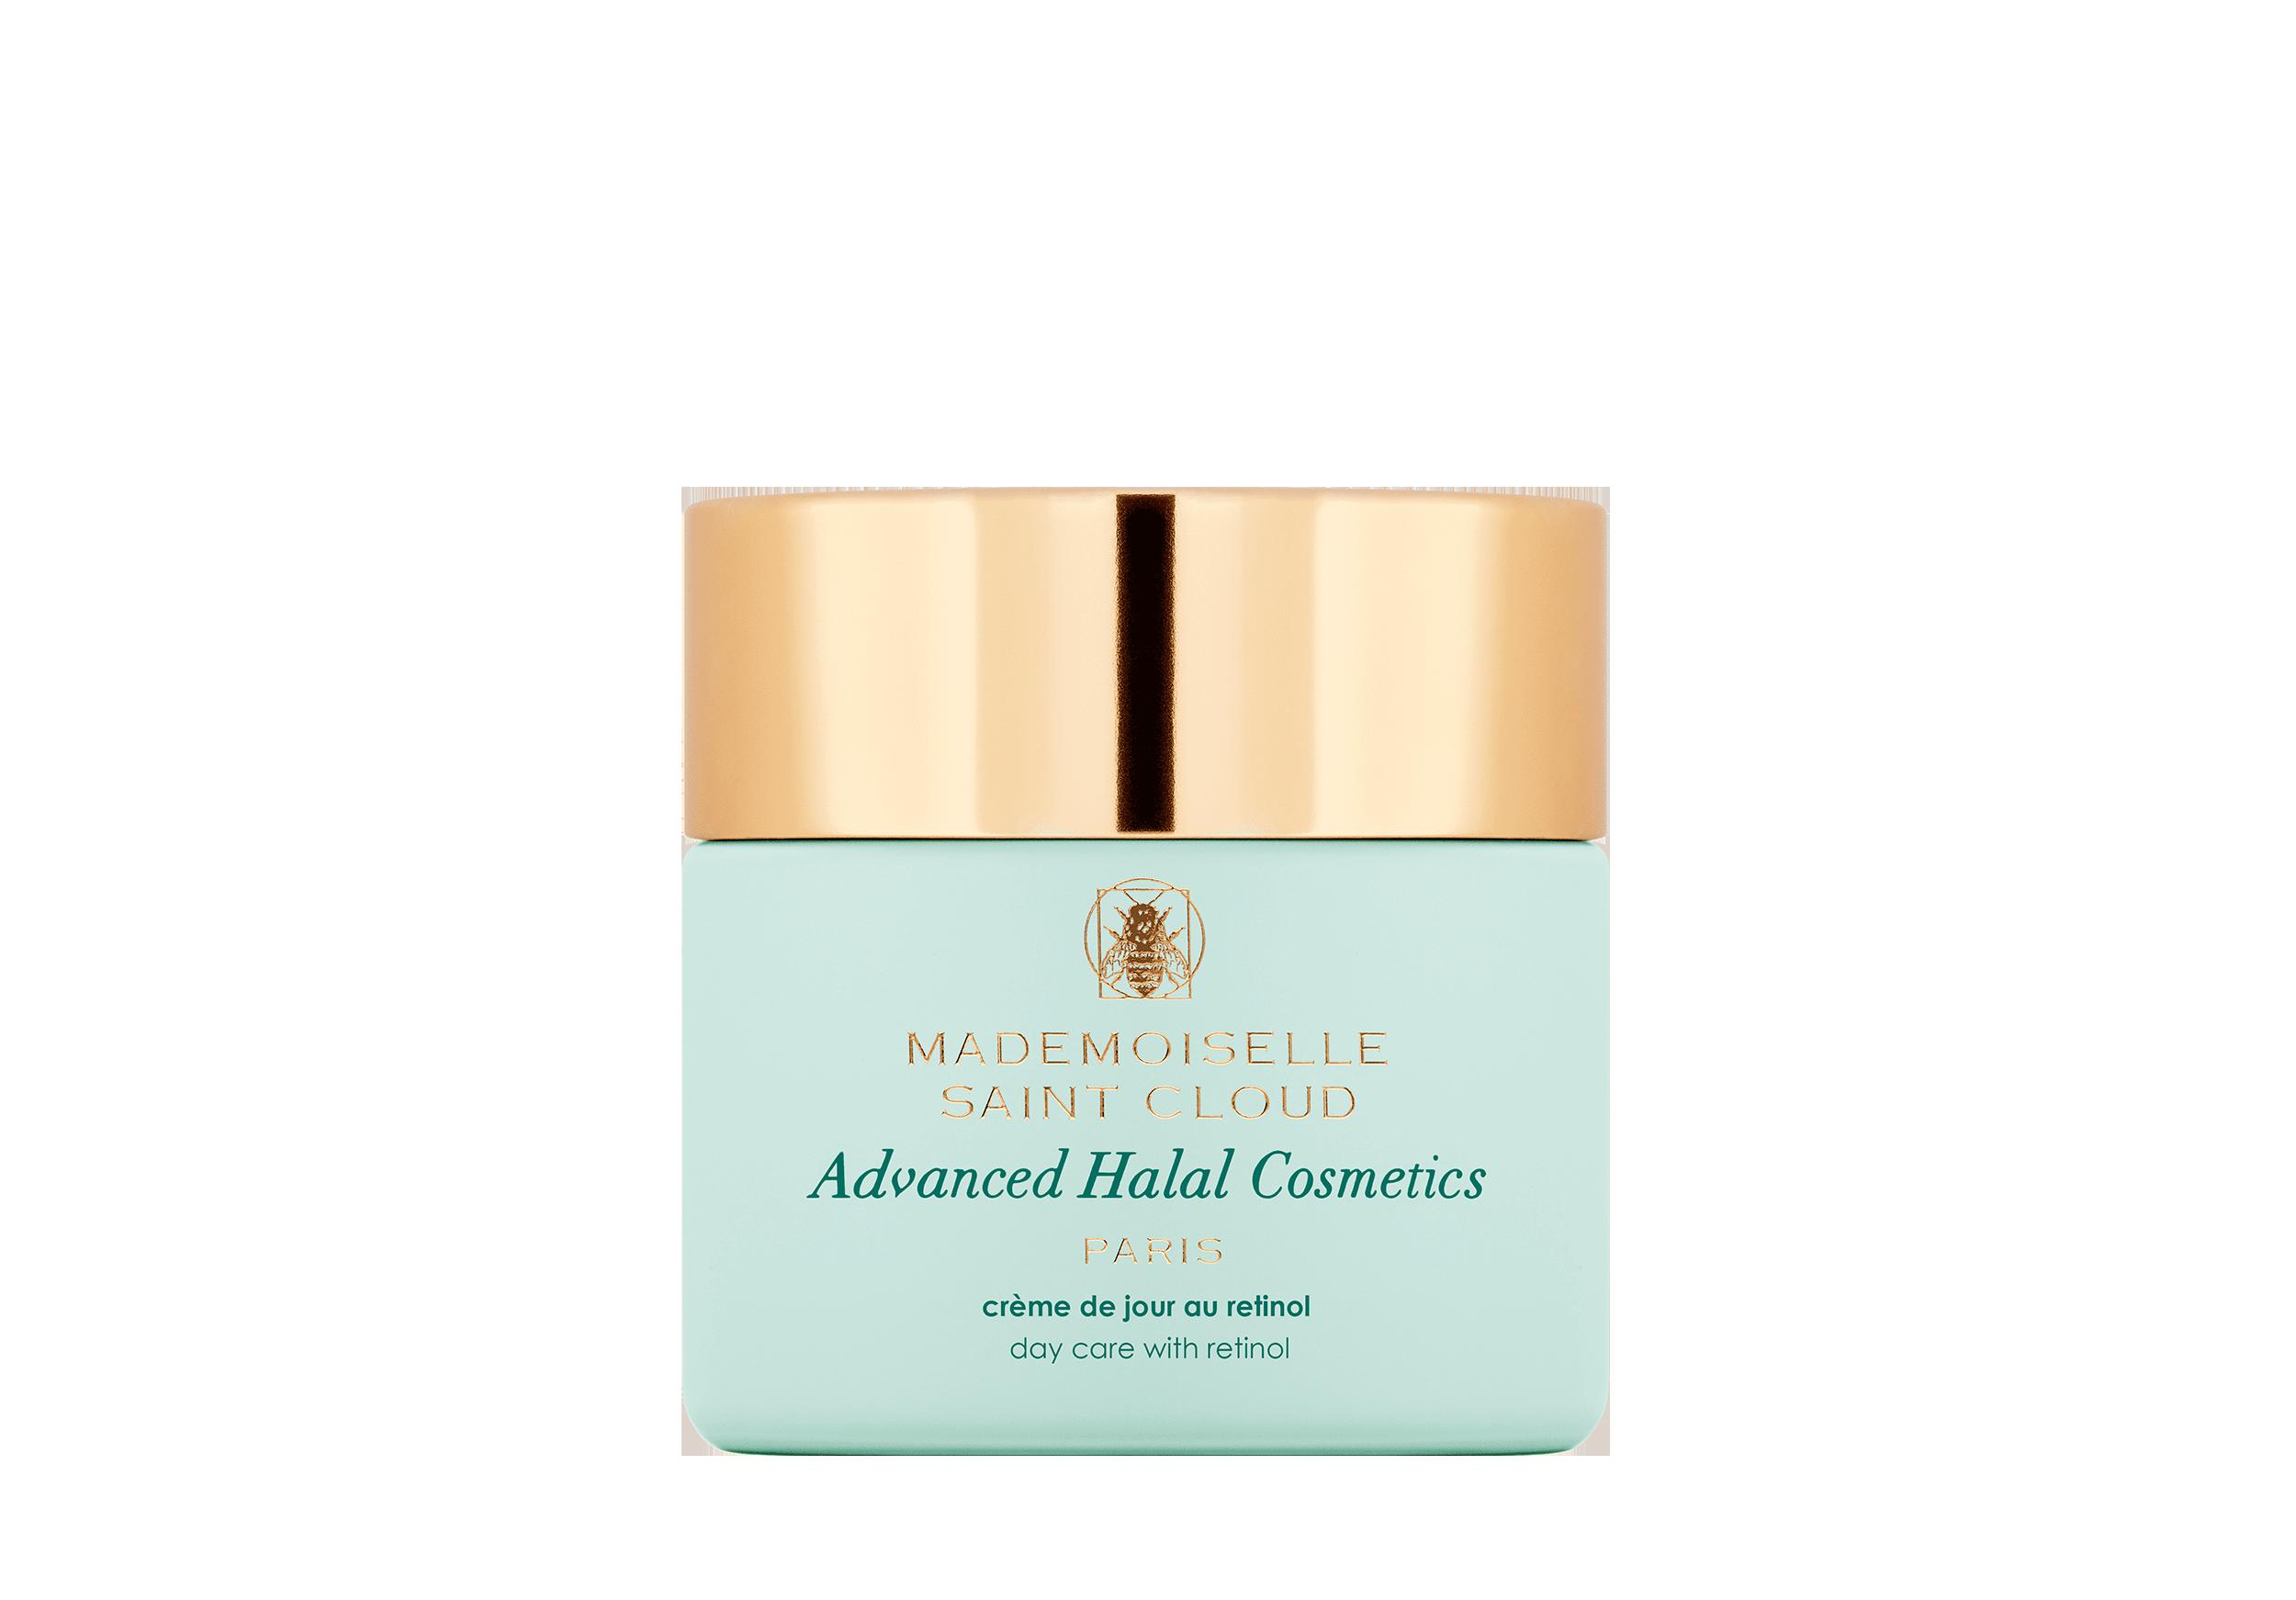 MademoiselleStCloud Crème de jour au rétinol